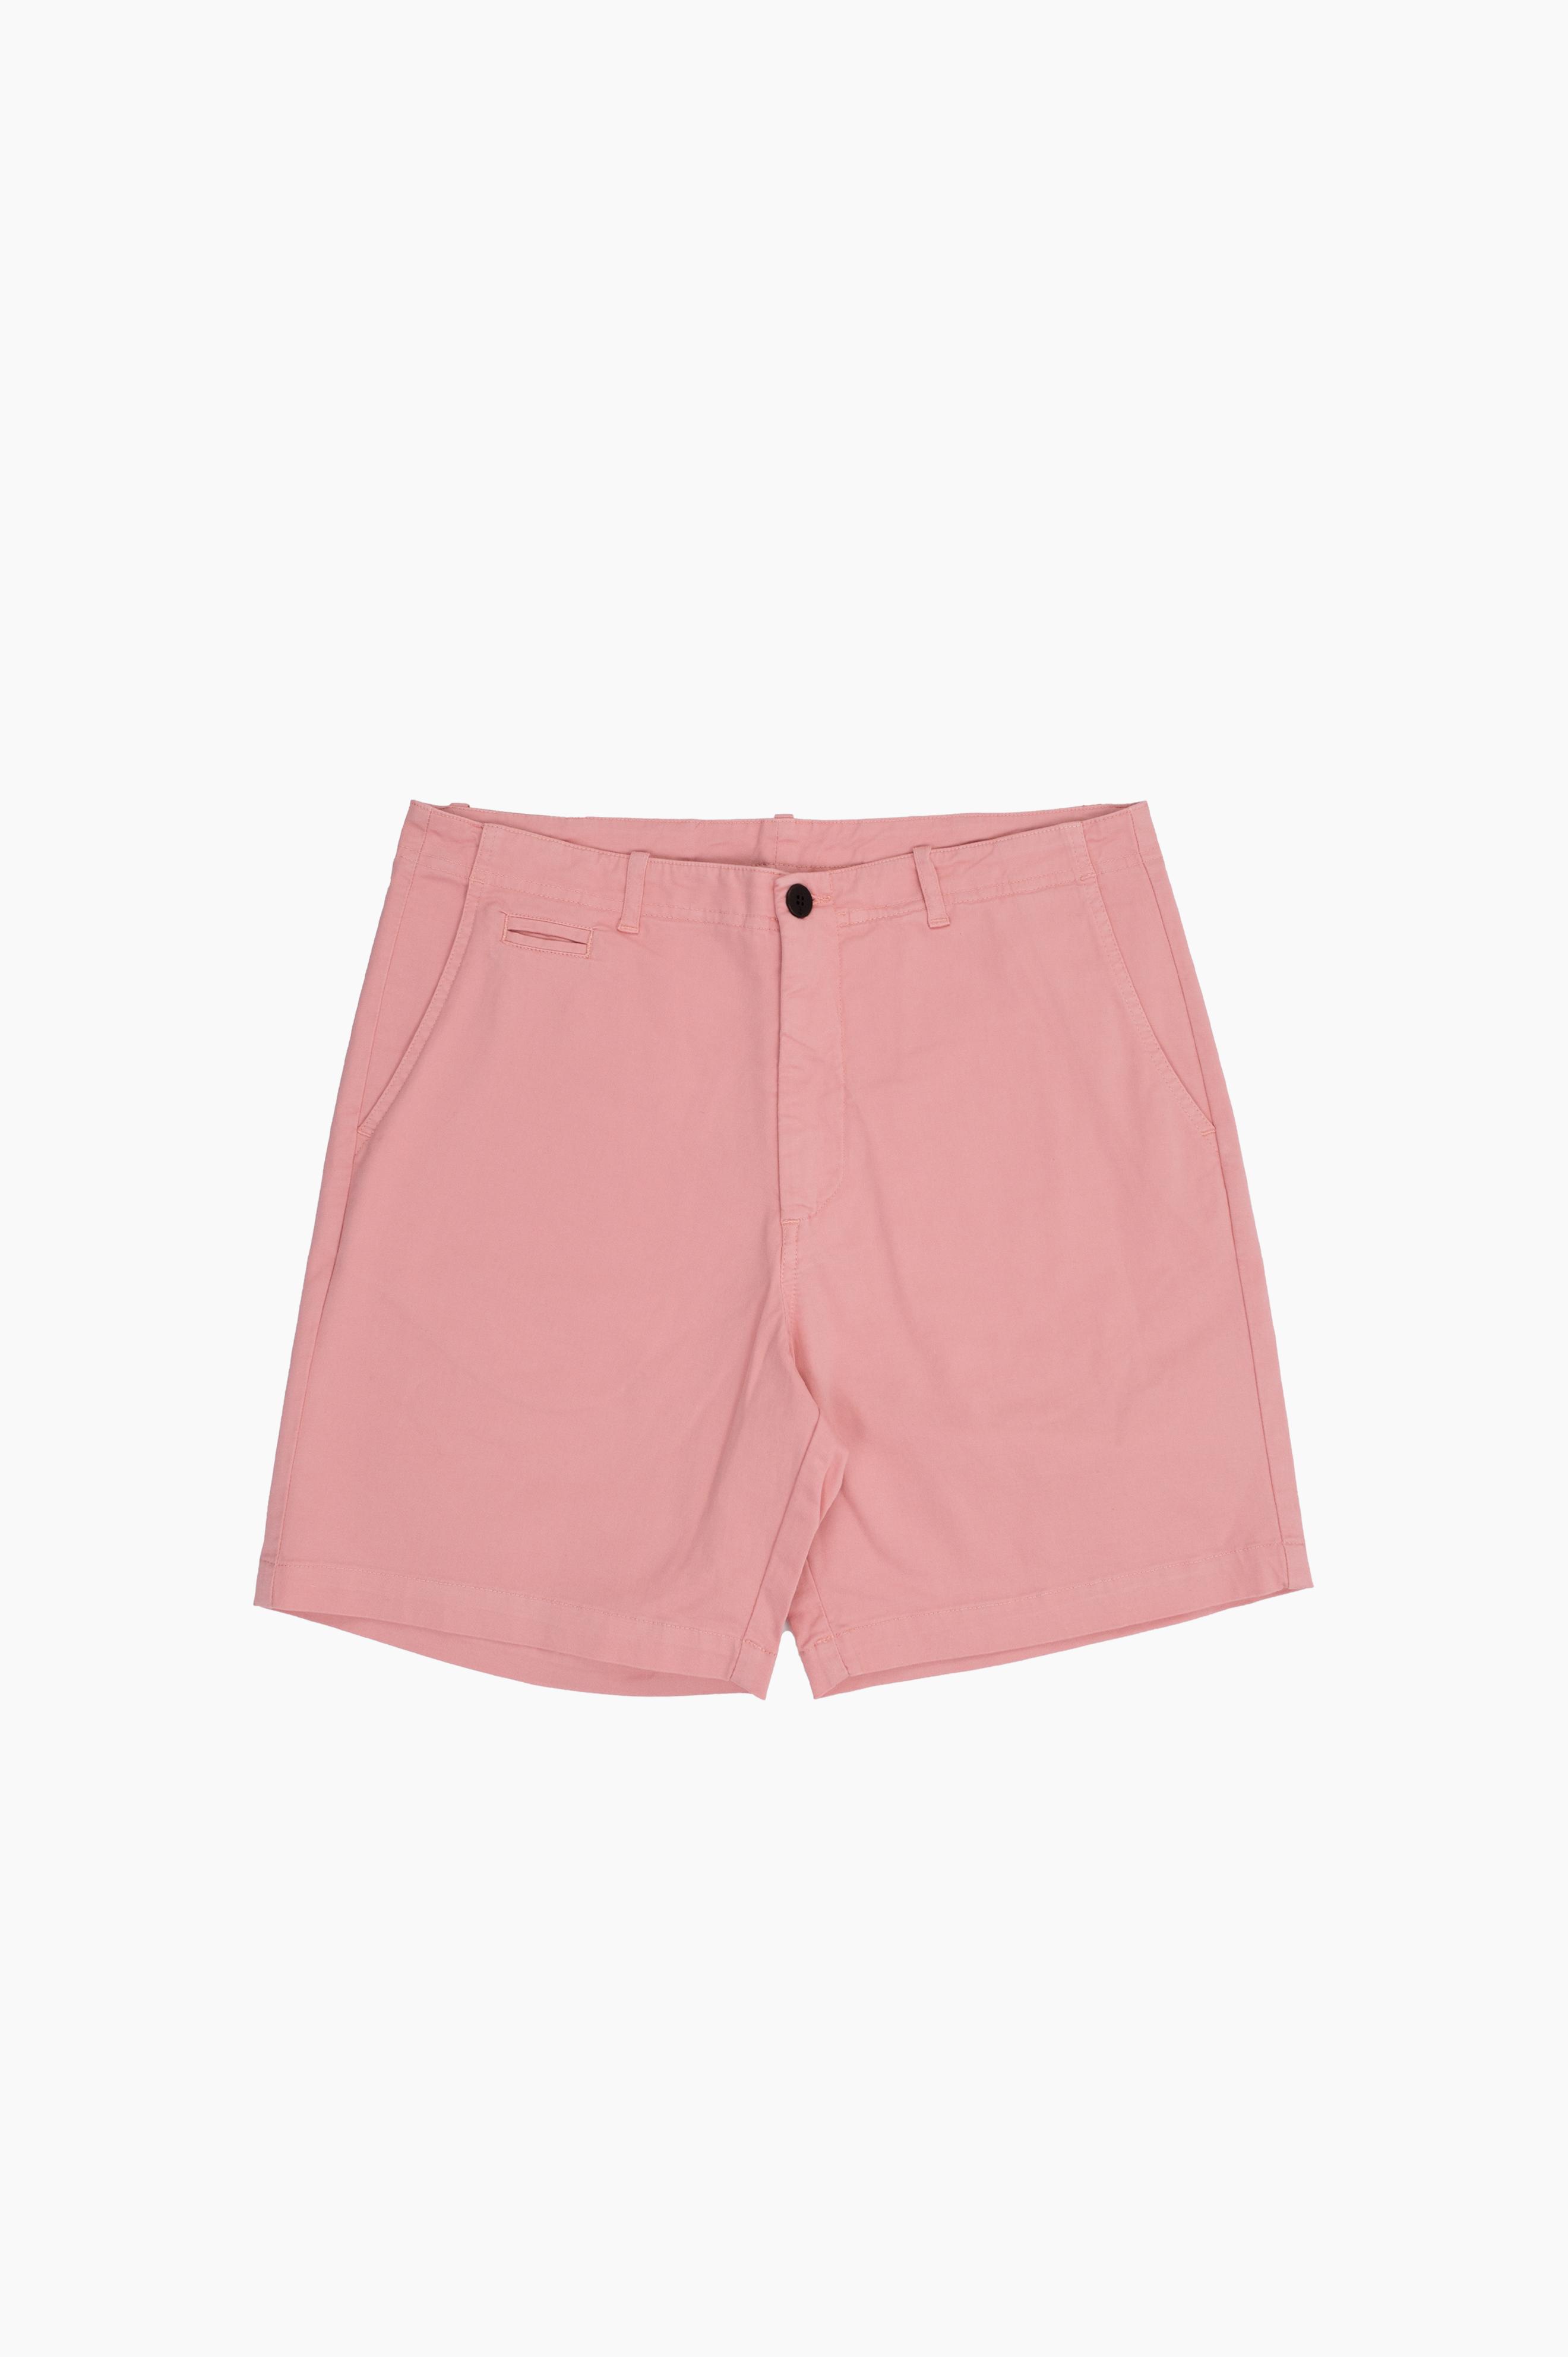 Maciel Short Pants Coral